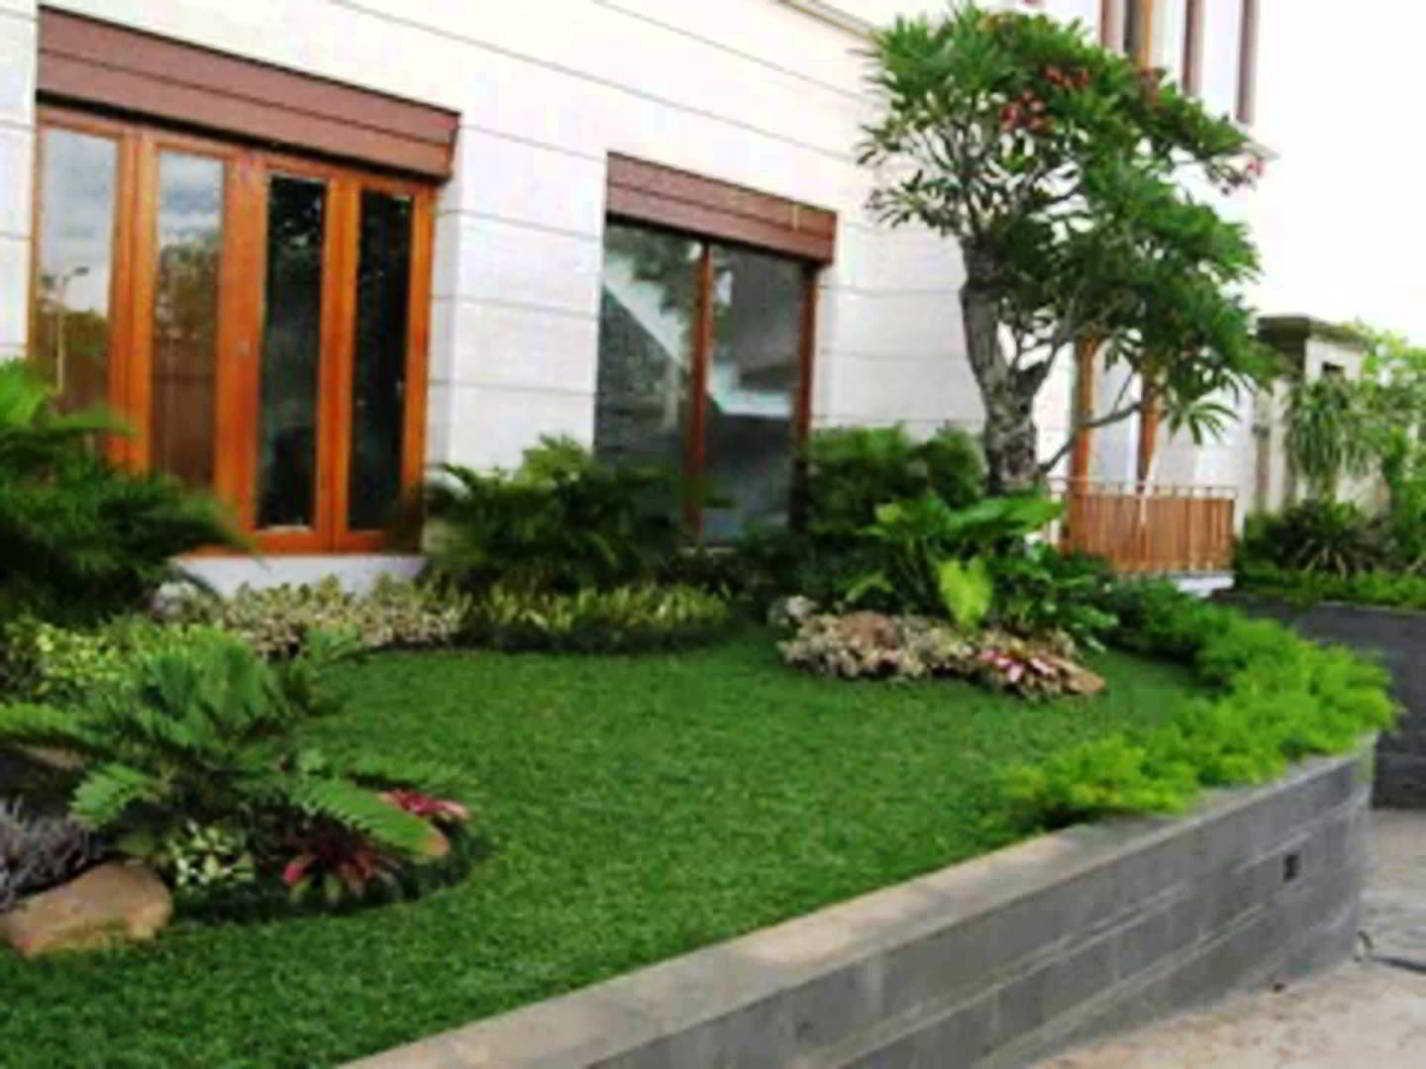 Desain Taman Minimalis Rumah Hook | Desain Taman Kecil, Desain Taman, Dekorasi Minimalis